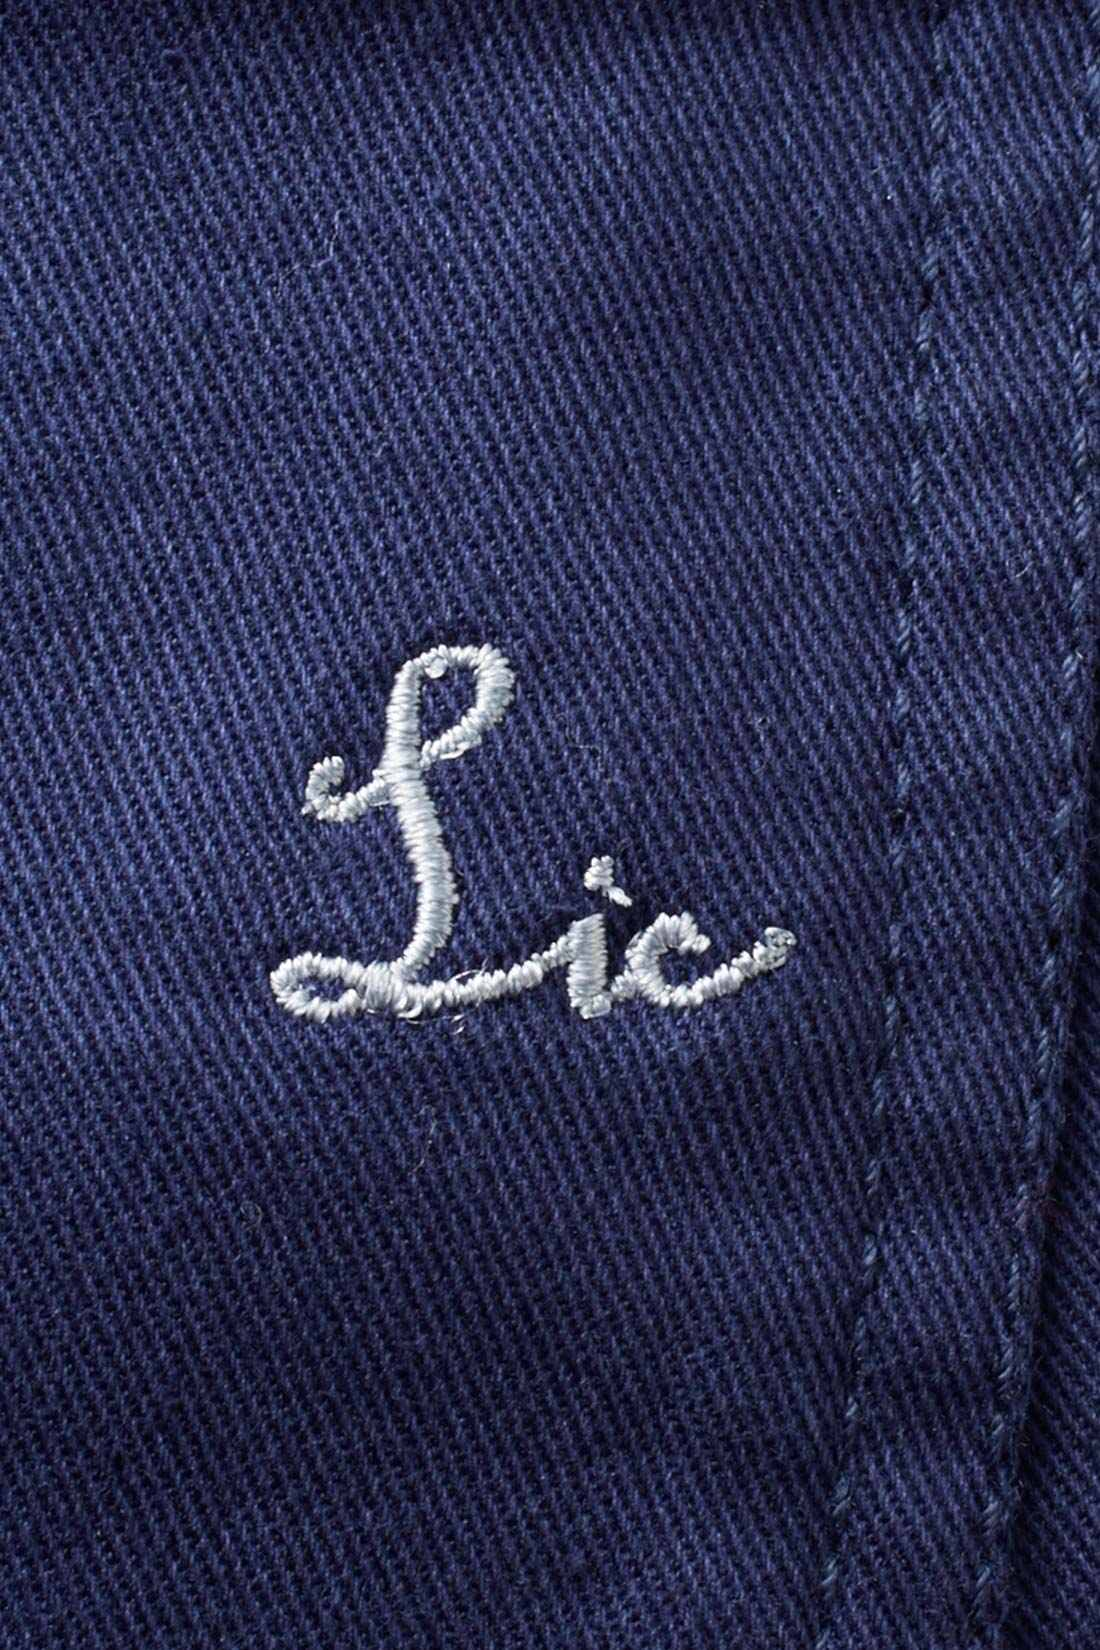 後ろポケットにはポイントになるリブインオリジナル刺繍をオン。 ※お届けするカラーとは異なります。